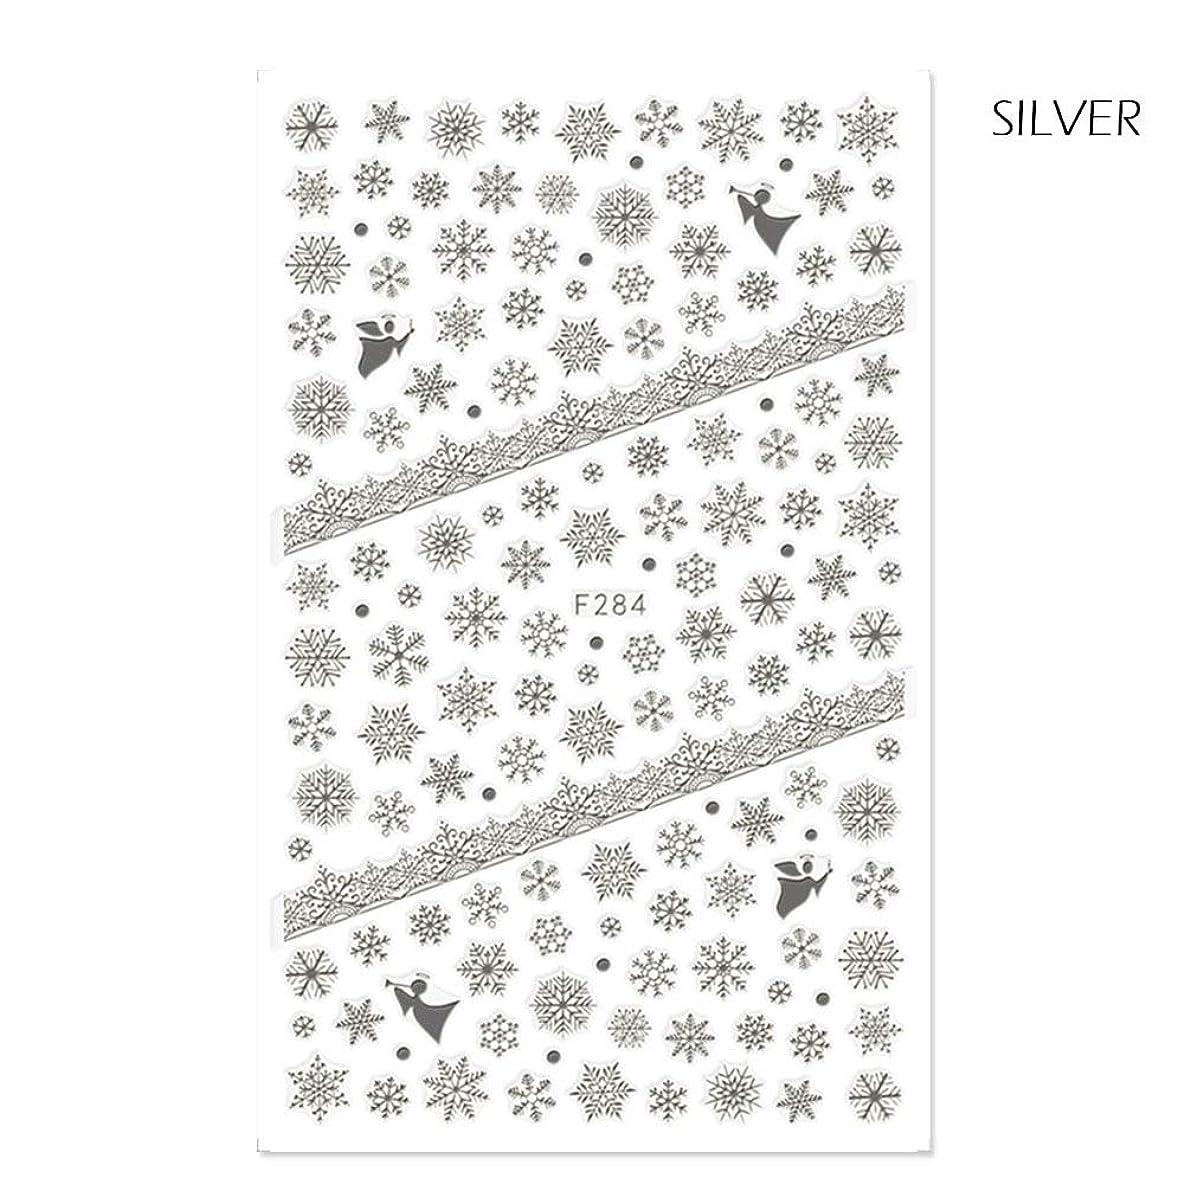 勉強する万歳王族1シート3dクリスマスデザイン粘着ステッカー用ネイルゴールドブルーネイルアート転写デカール雪の花の装飾かわいいヒントSAF284シルバー